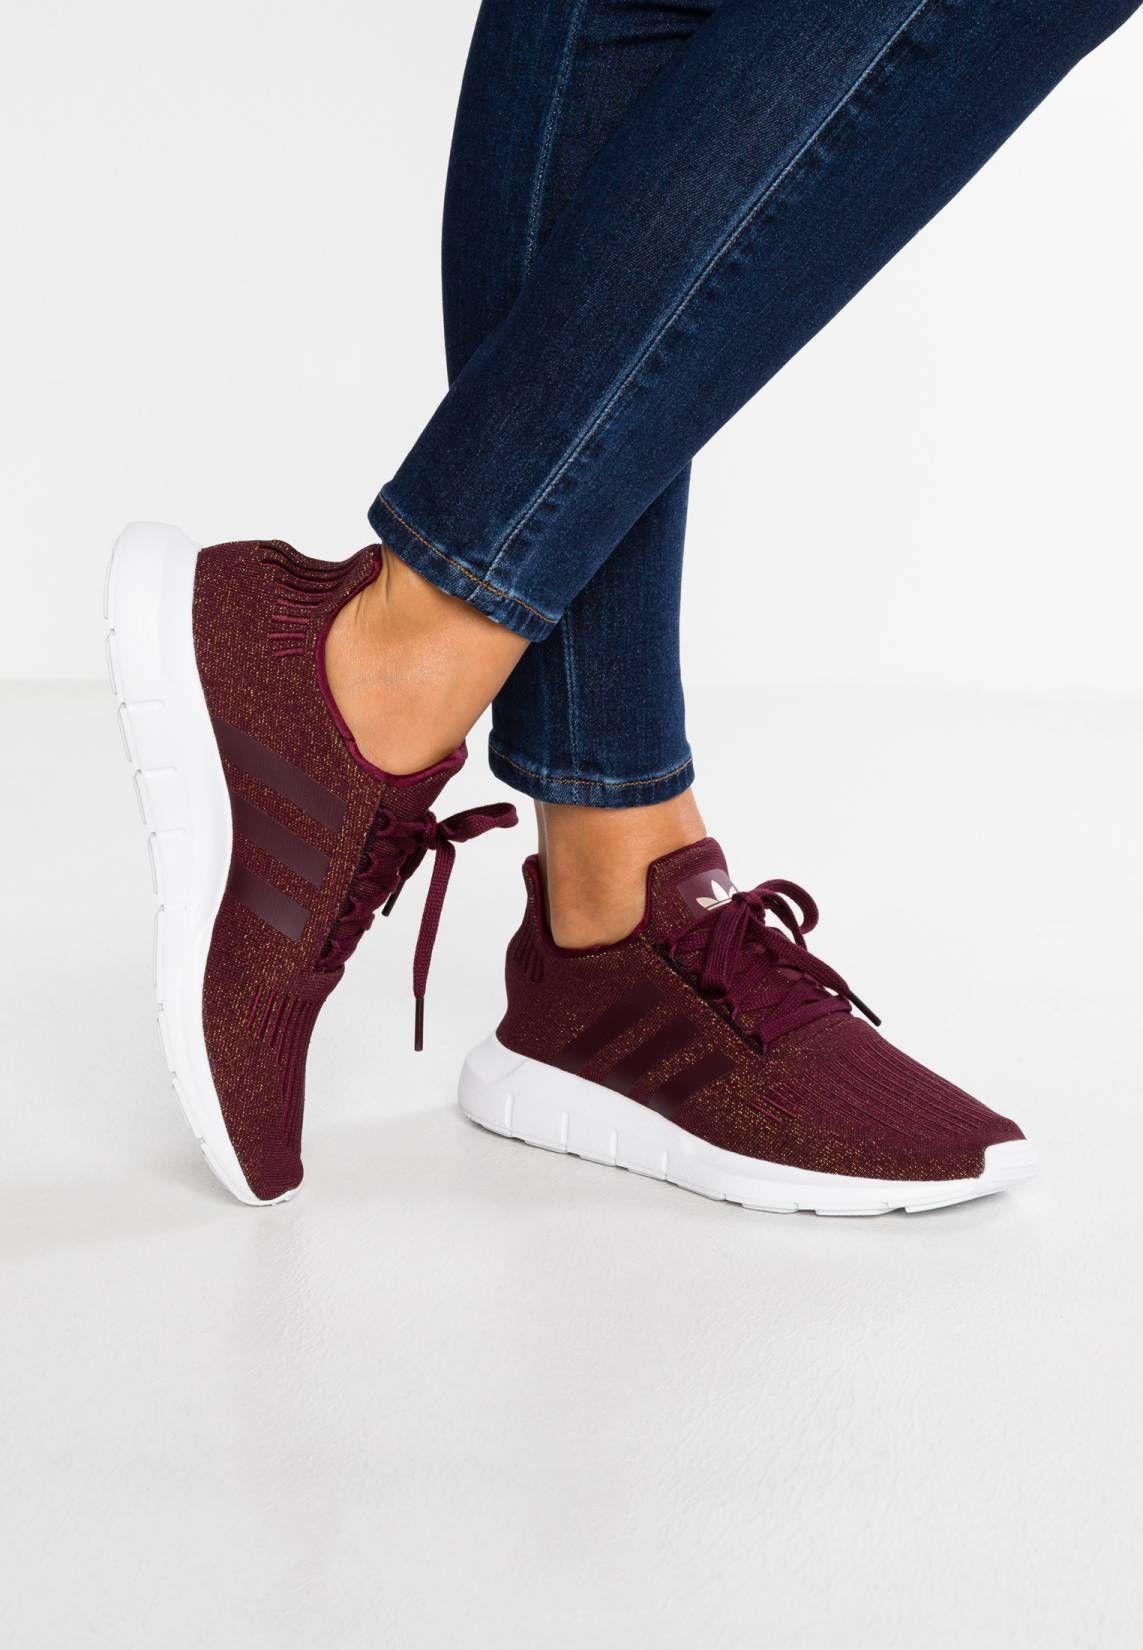 buy online b133b 5253c adidas Originals. SWIFT RUN - Baskets basses - maroonfootwear white.  Semelle de propretétextile. Semelle dusurematière synthétique.